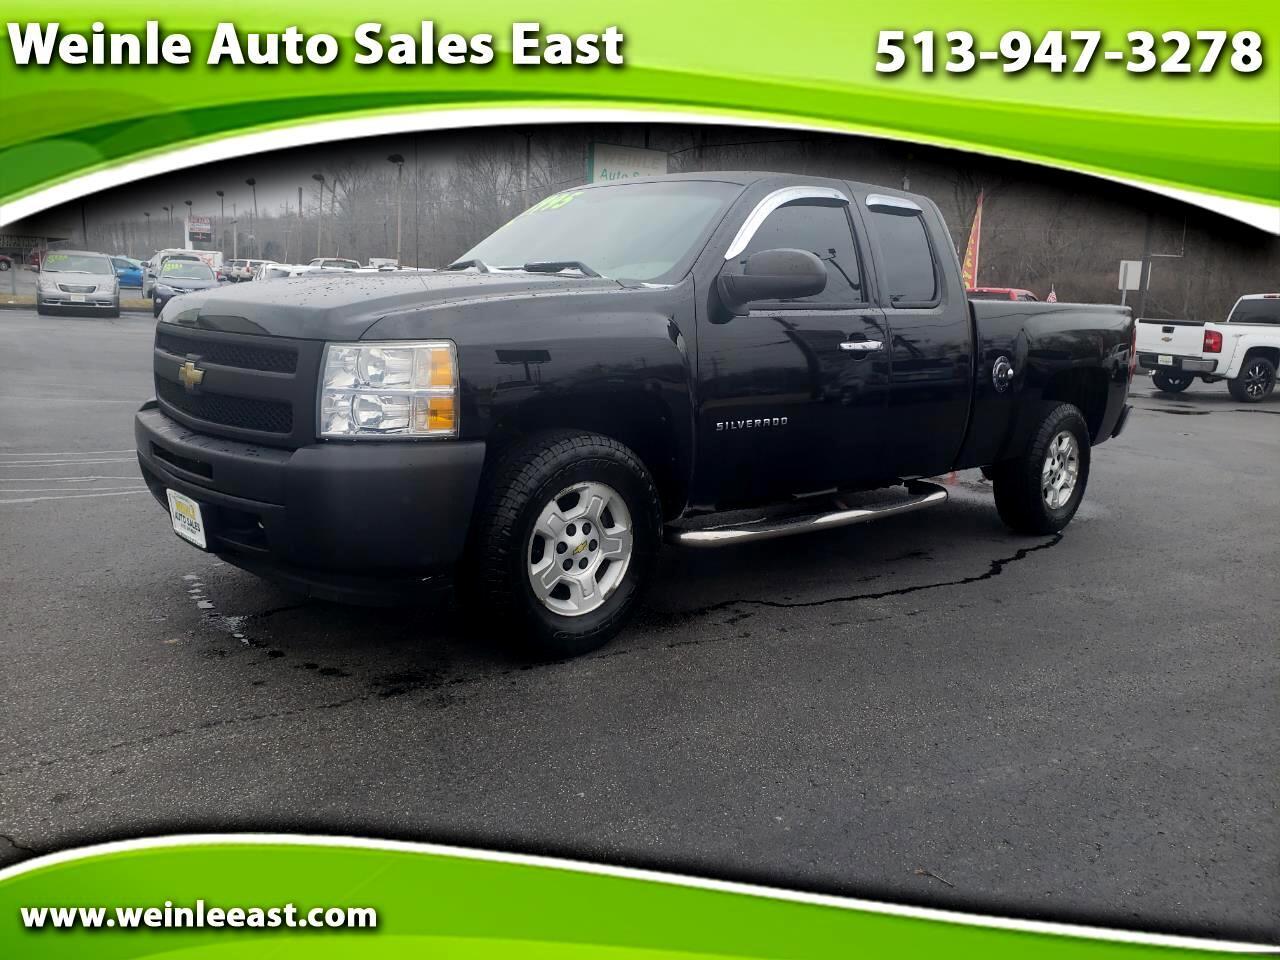 2011 Chevrolet Silverado 1500 2WD EXT CAB ALLOYS LOW MILES